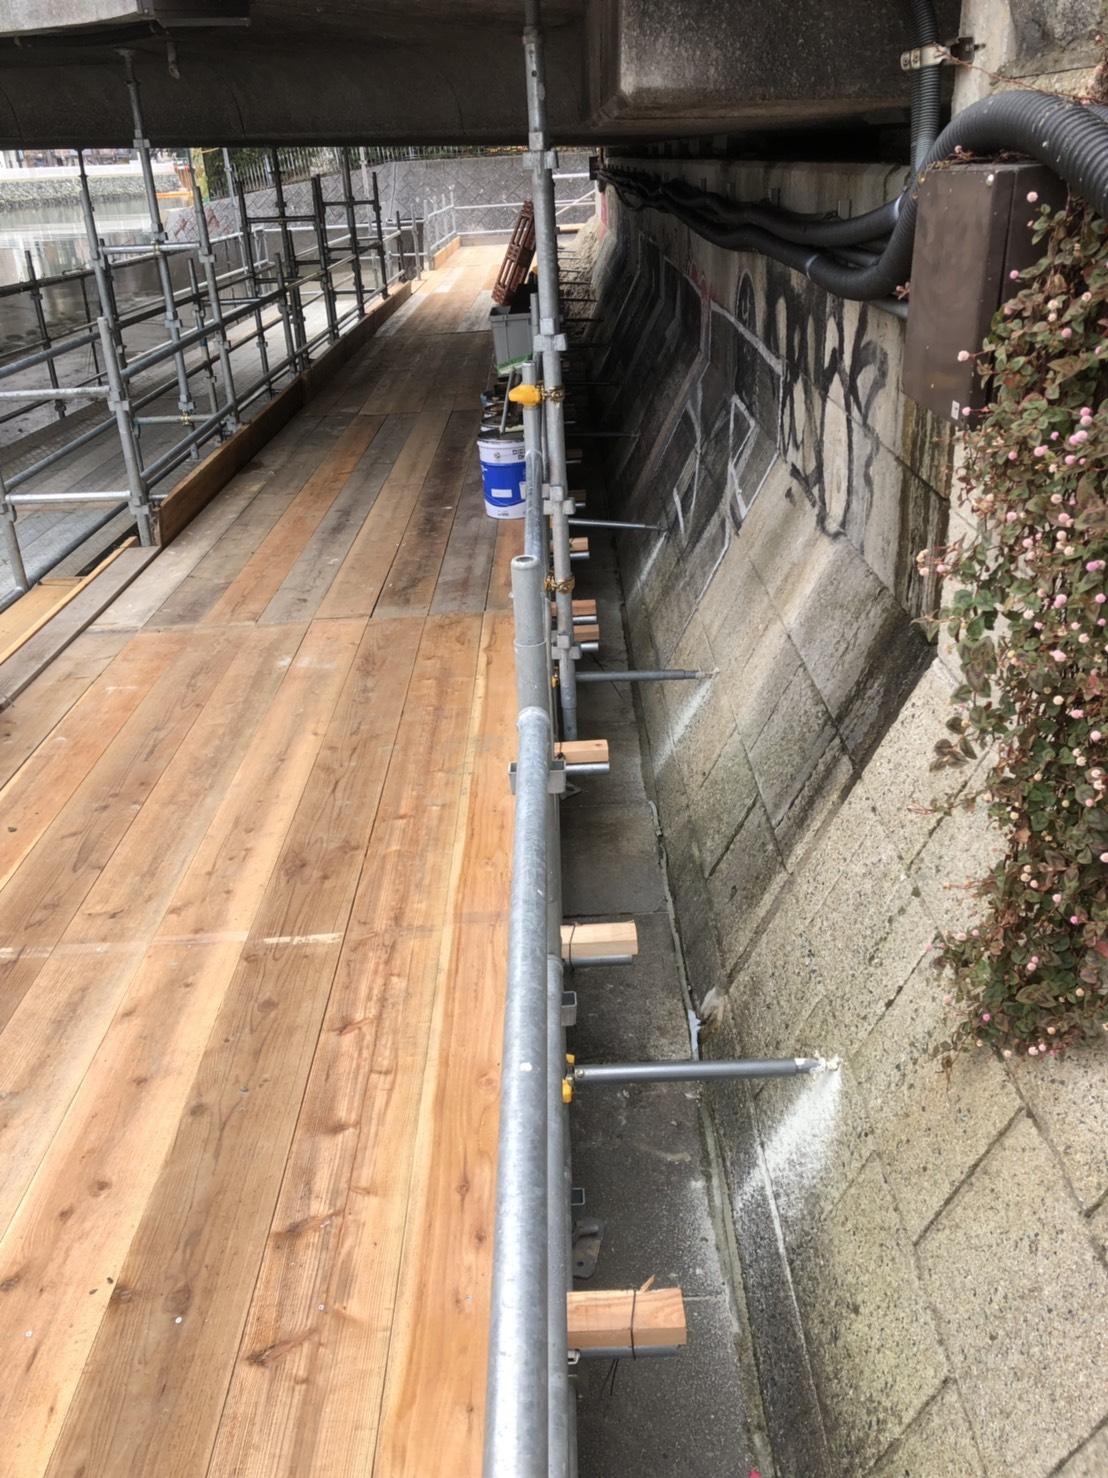 福岡県福岡市博多区中洲 出合い橋  仮囲い足場工事  本設通路足場工事⑸